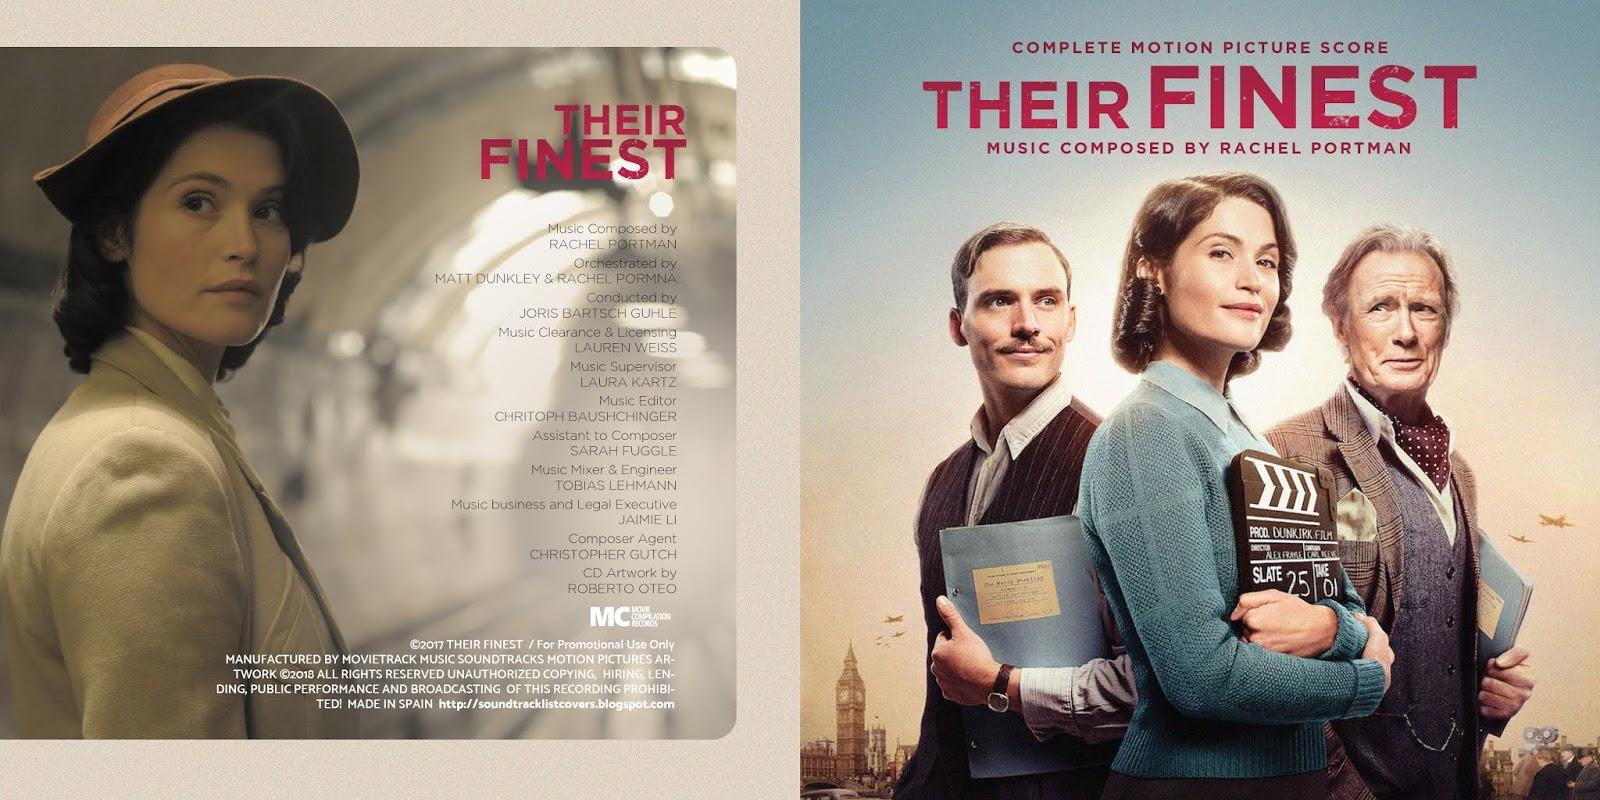 Soundtrack List Covers: Their Finest Complete (Rachel Portman)